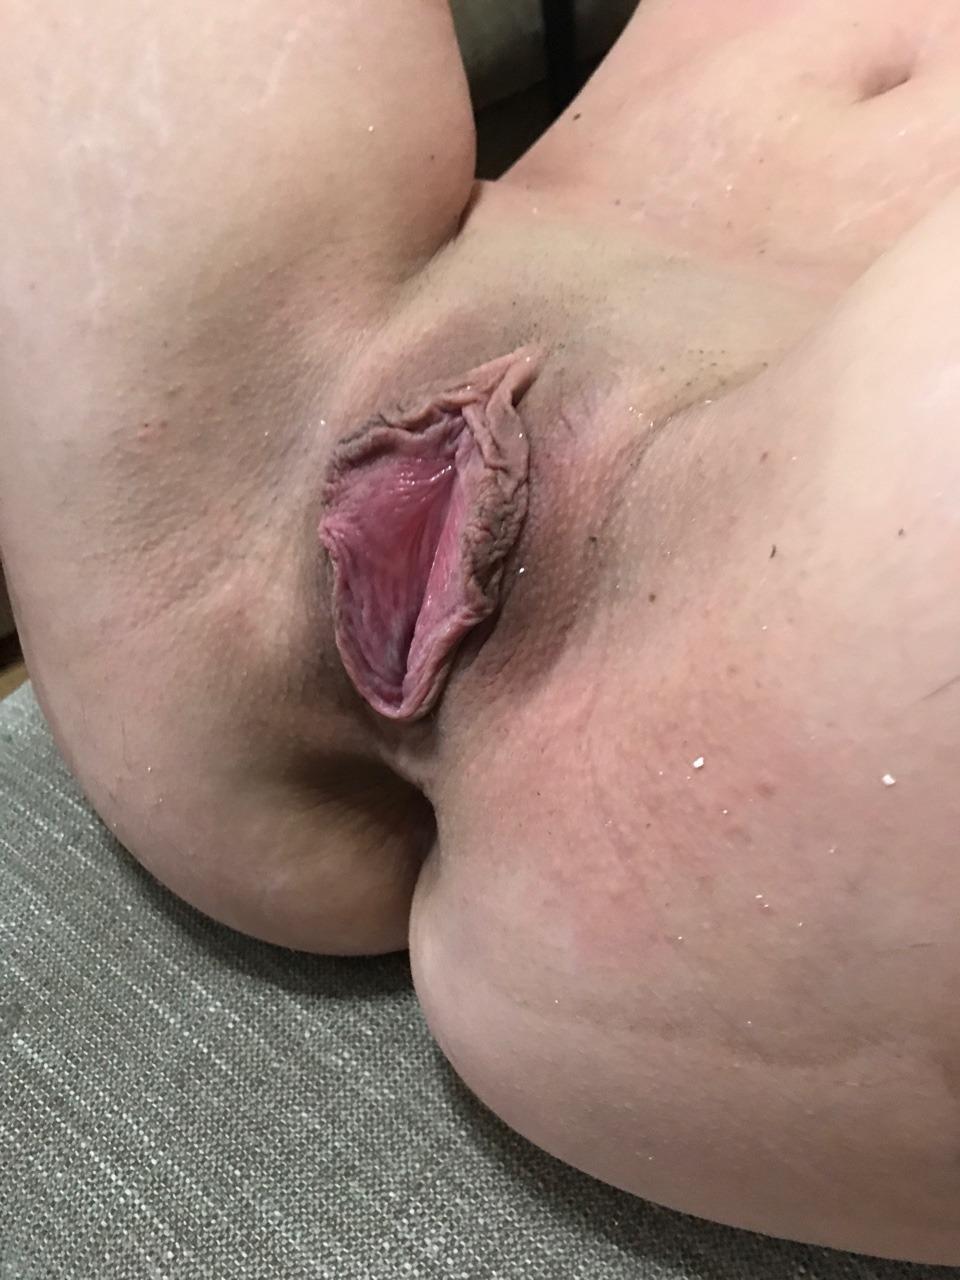 College-Umkleide Cheerleader lesbischen haben mit großen in und der Sex Fußballspielerin Titten photo 2